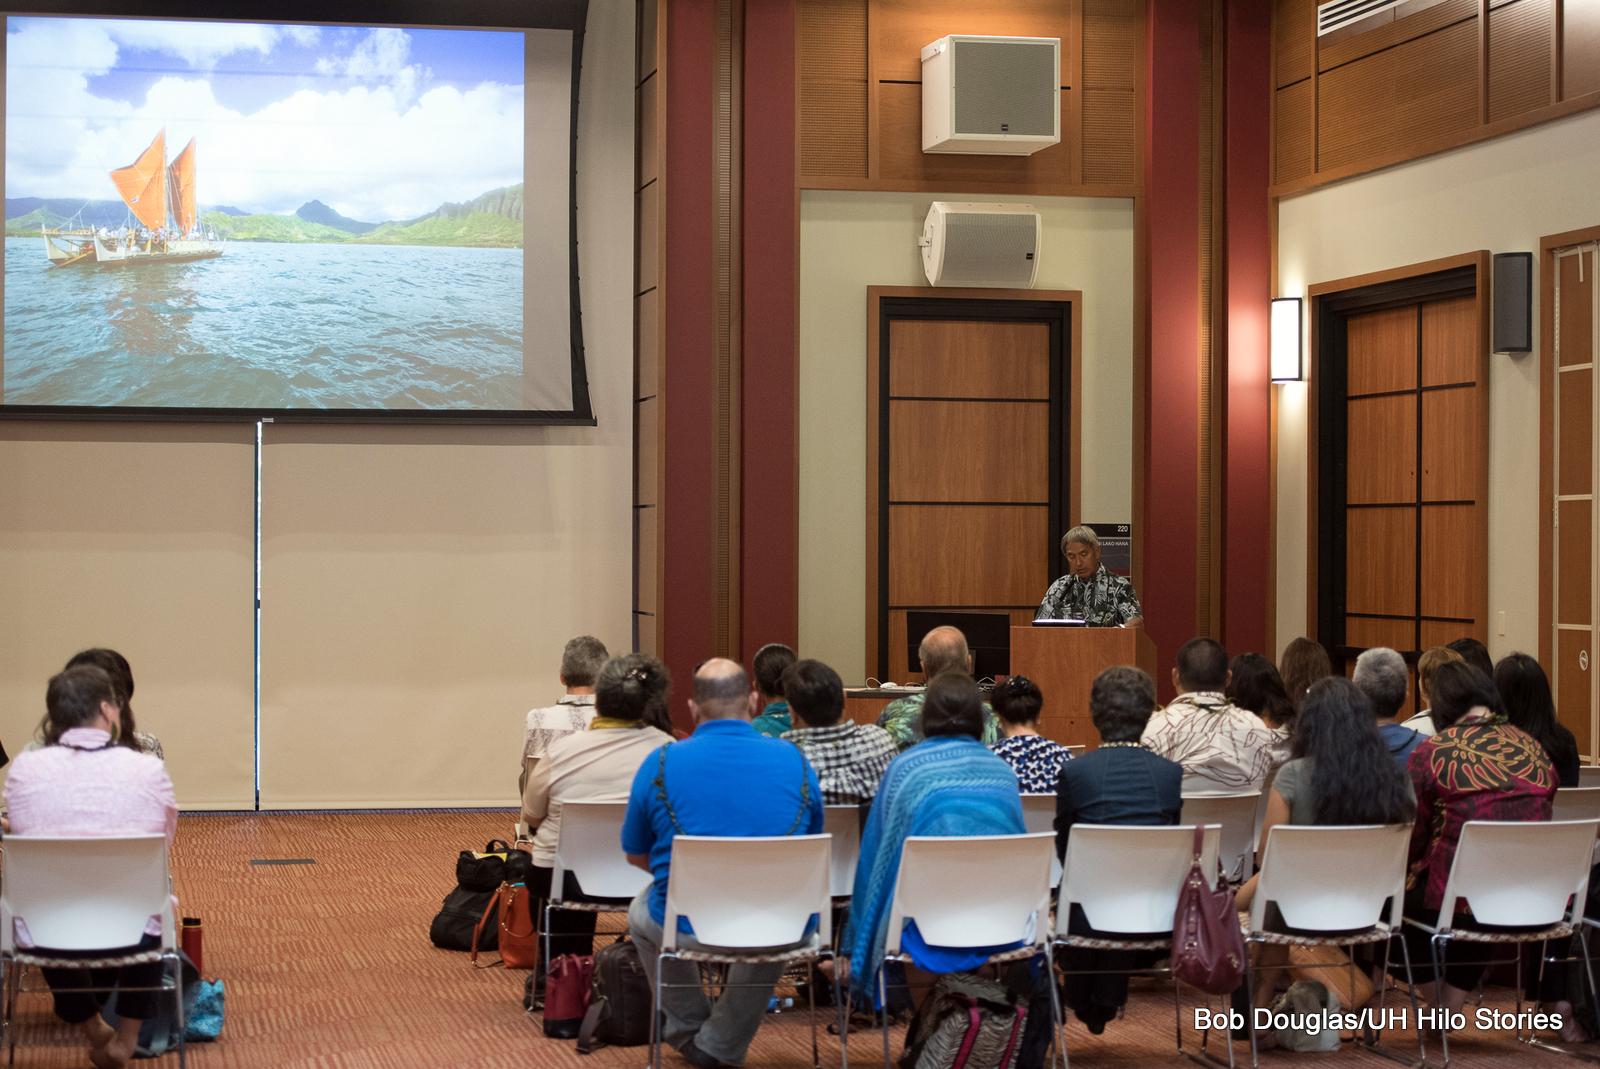 Nainoa Thompson speaks to group in auditorium.